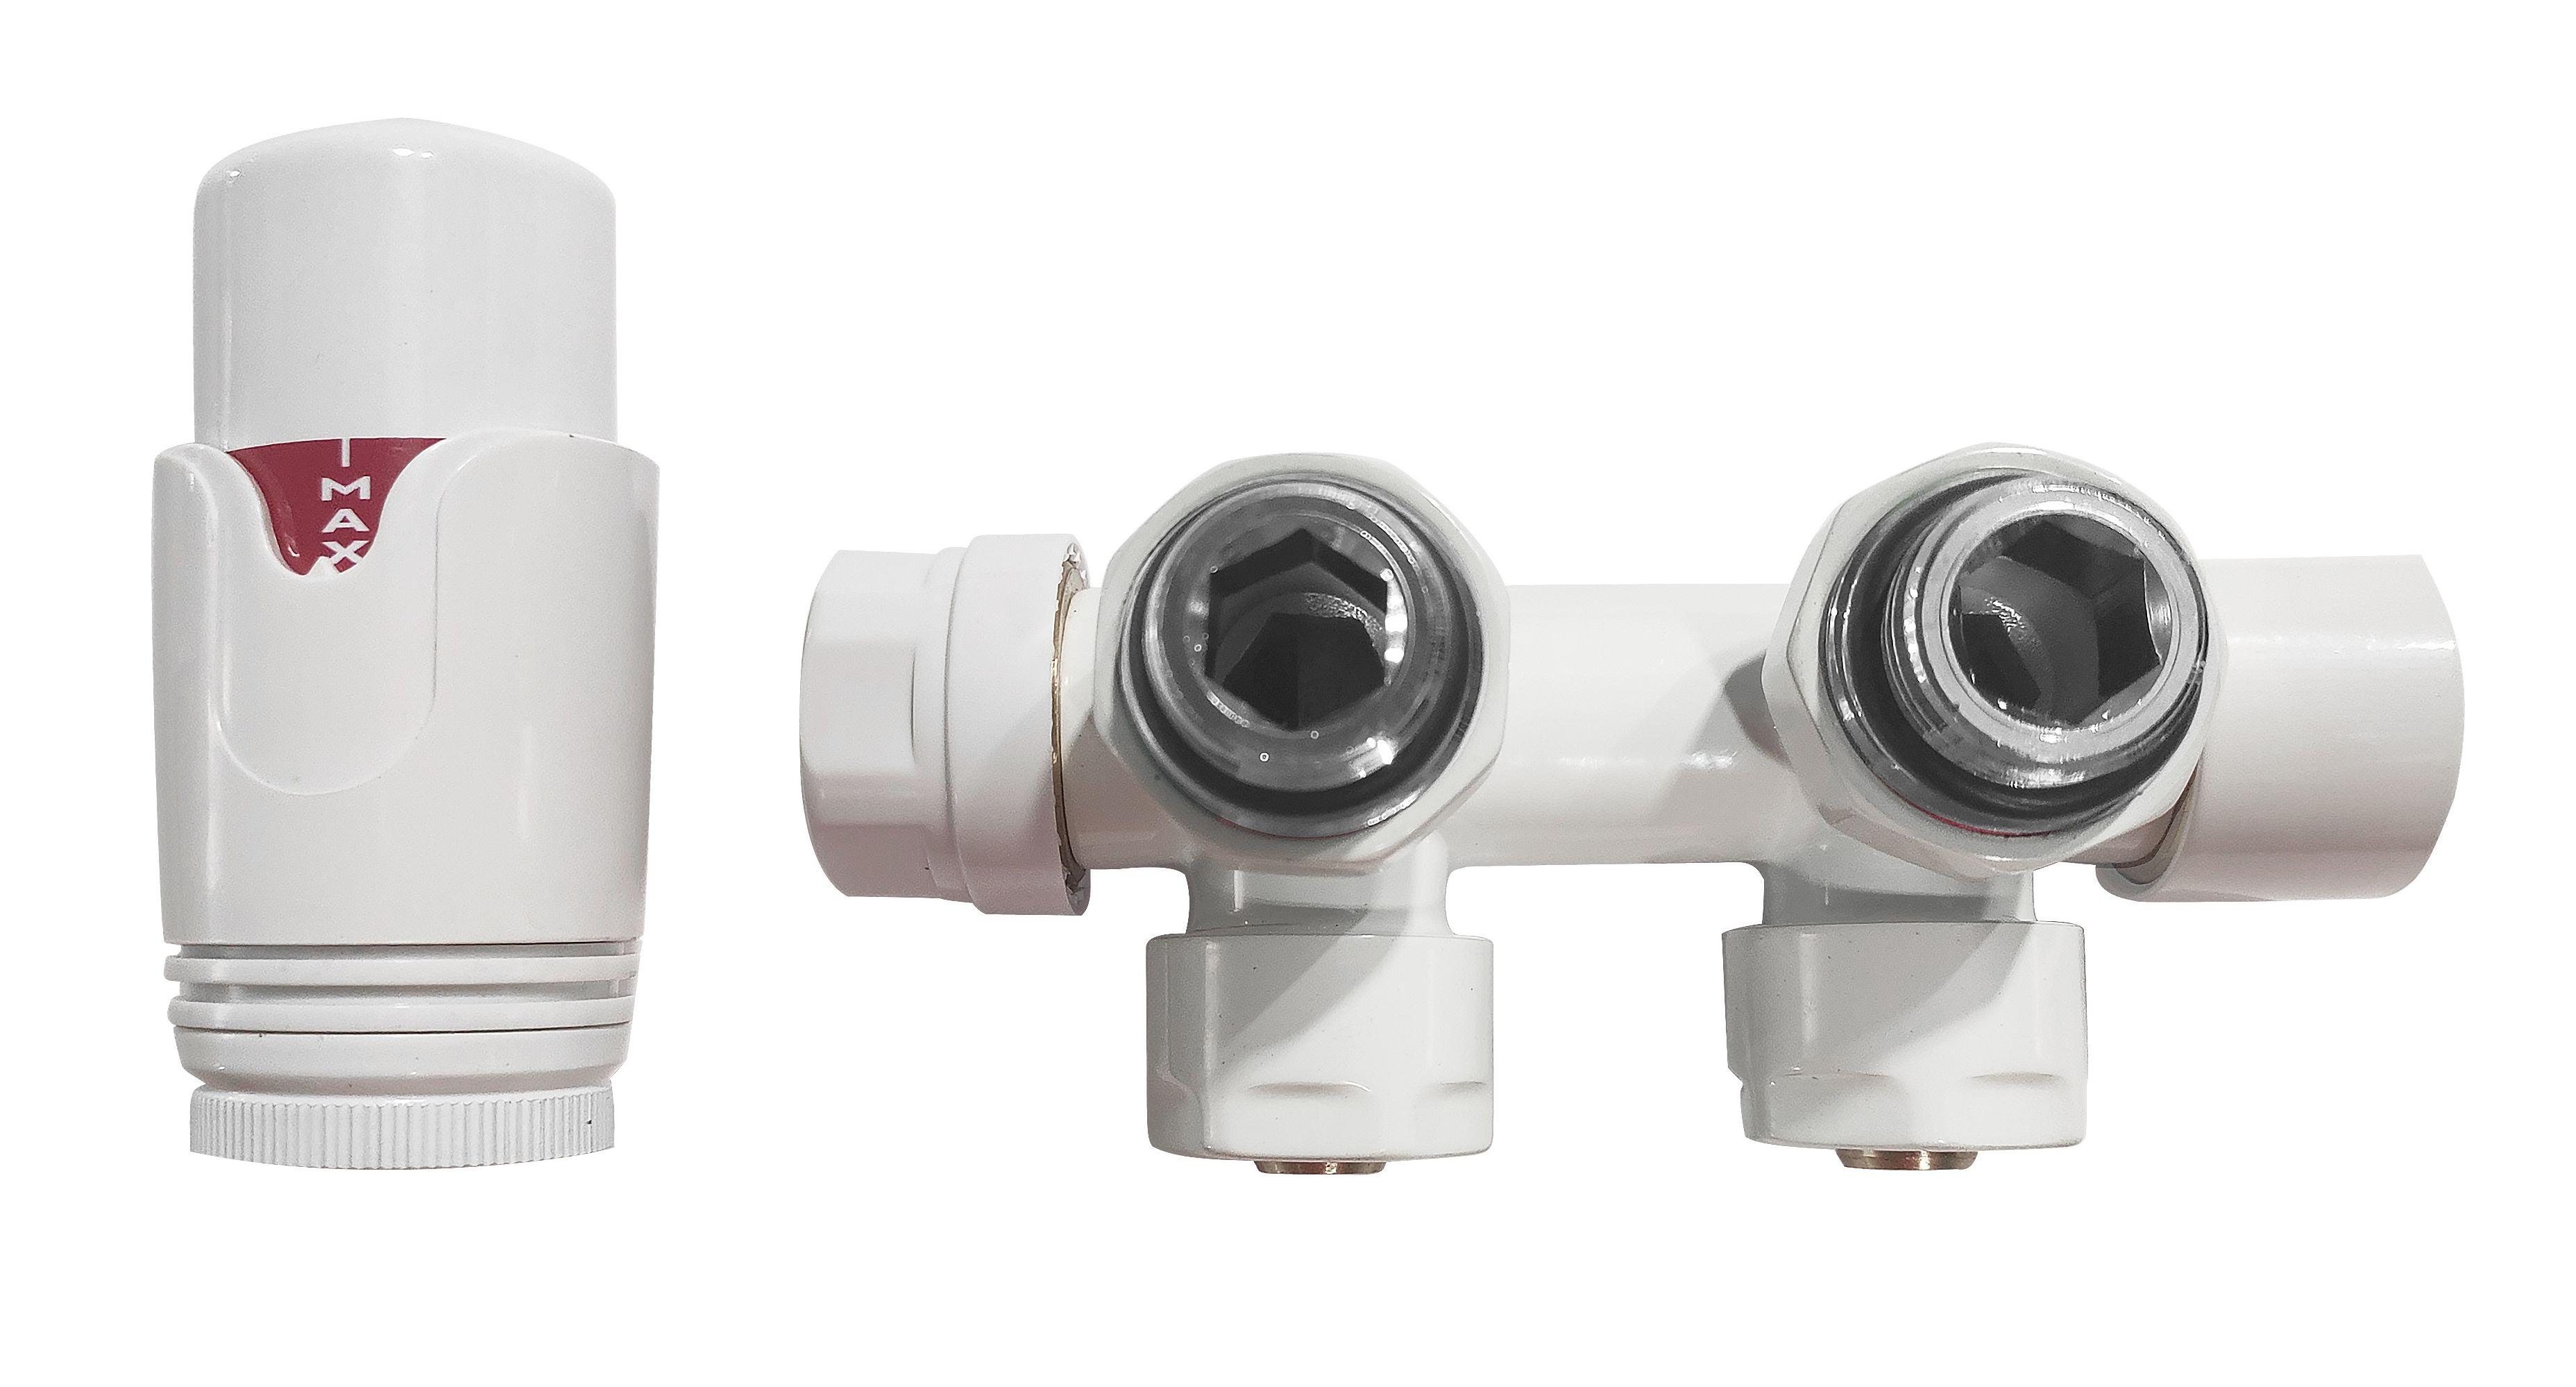 Eck - Anschlussgarnitur inkl. Thermostat in weiß (Mittelanschluss)